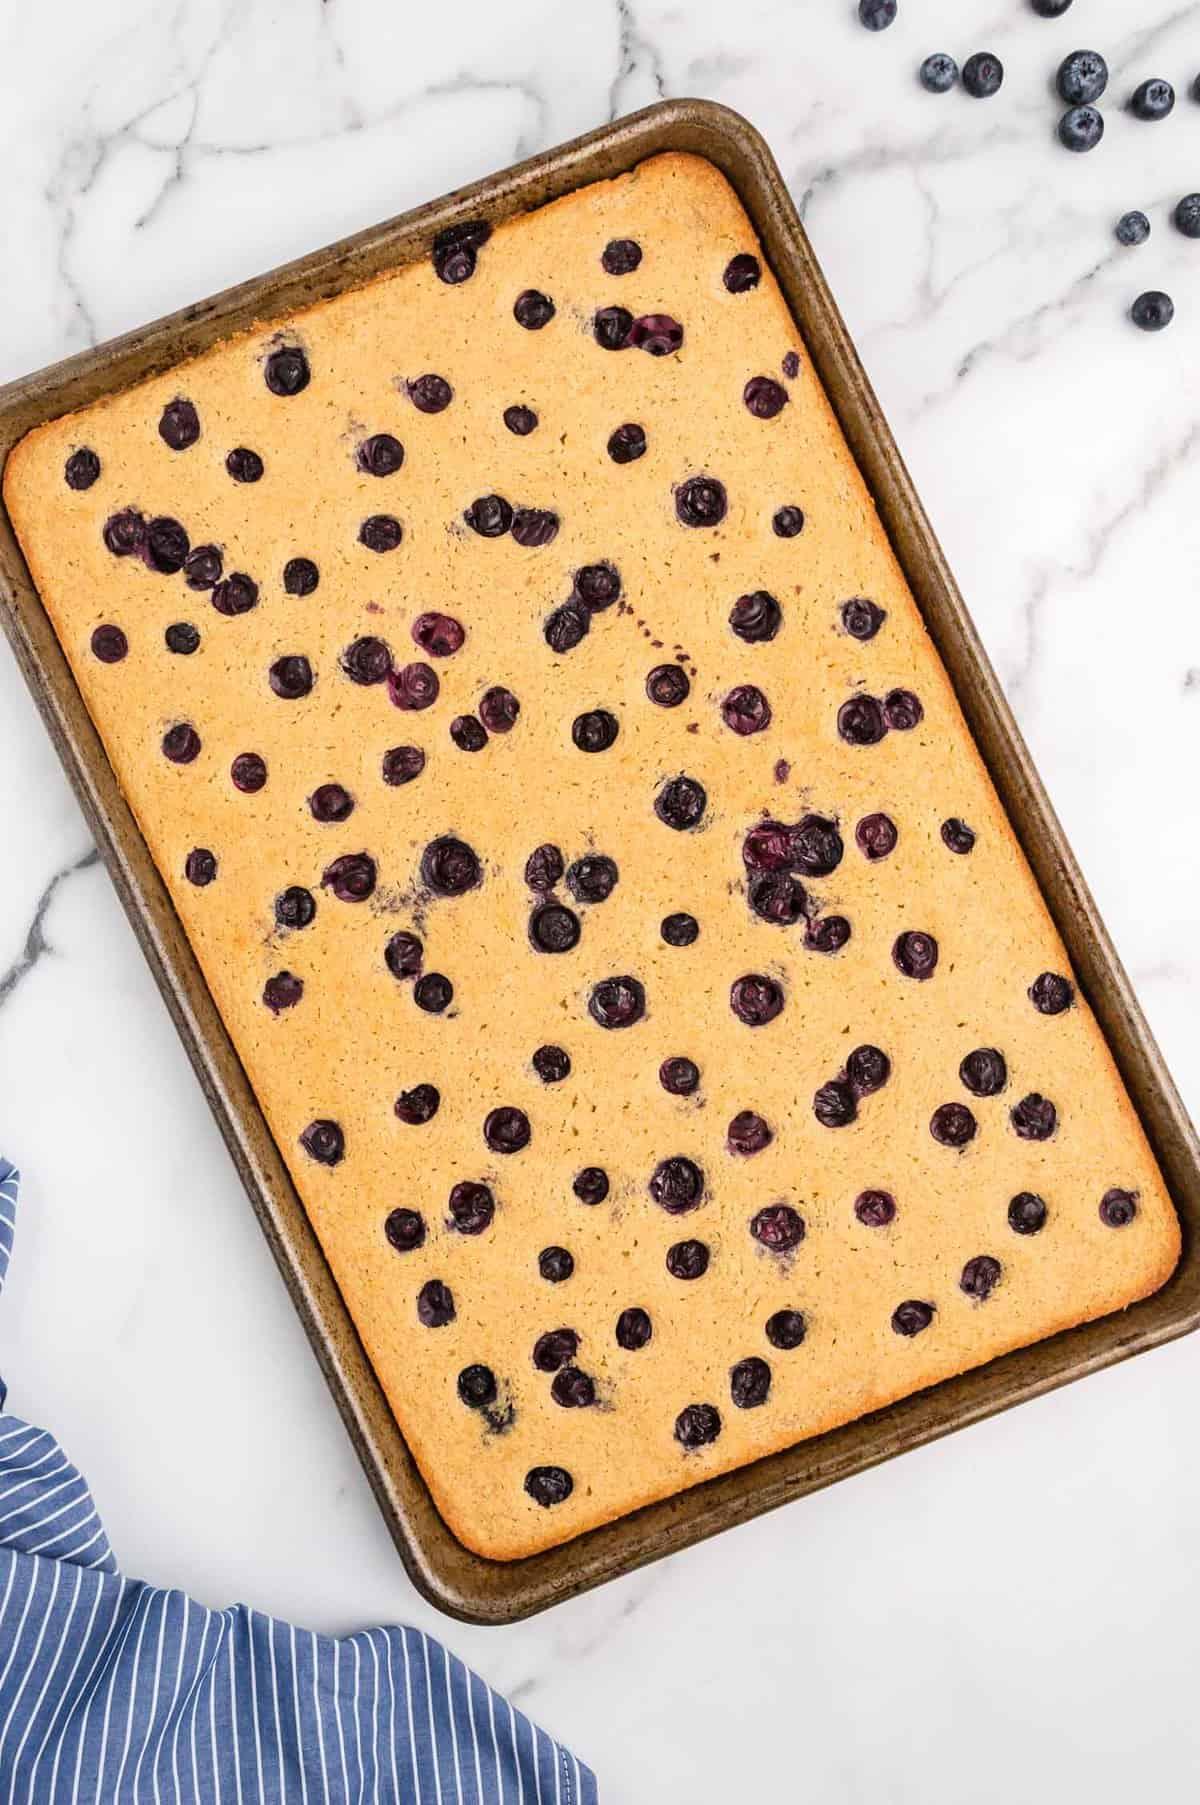 Baked sheet pan pancake with blueberries.